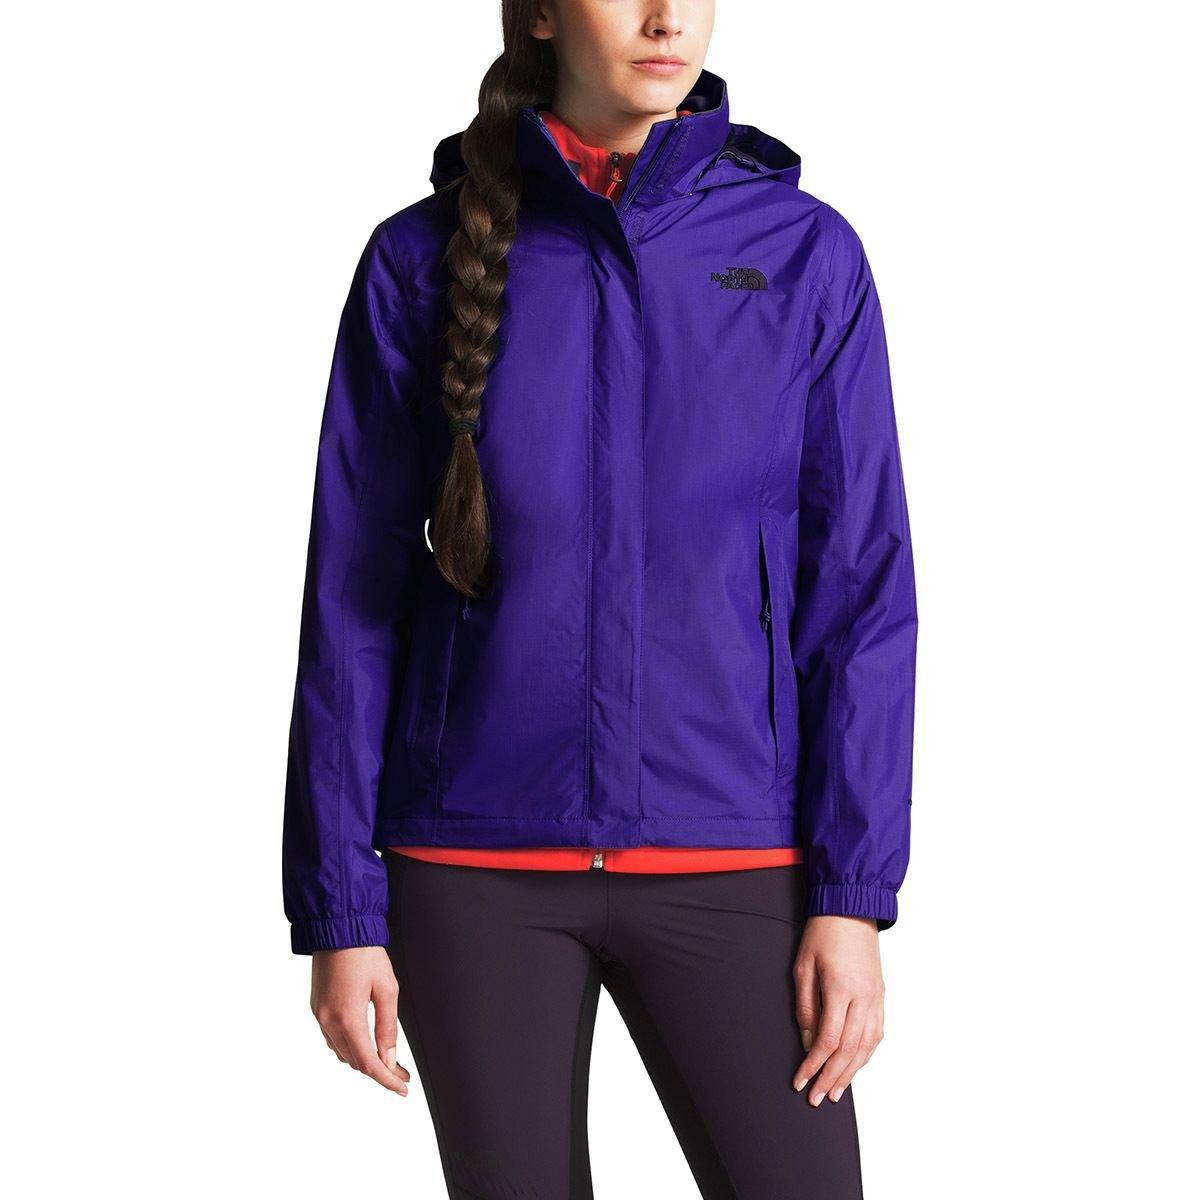 (ザノースフェイス) The North Face Resolve 2 Hooded Jacket レディース ジャケットDeep Blue/Galaxy Purple [並行輸入品]   B07F9Y83ZR